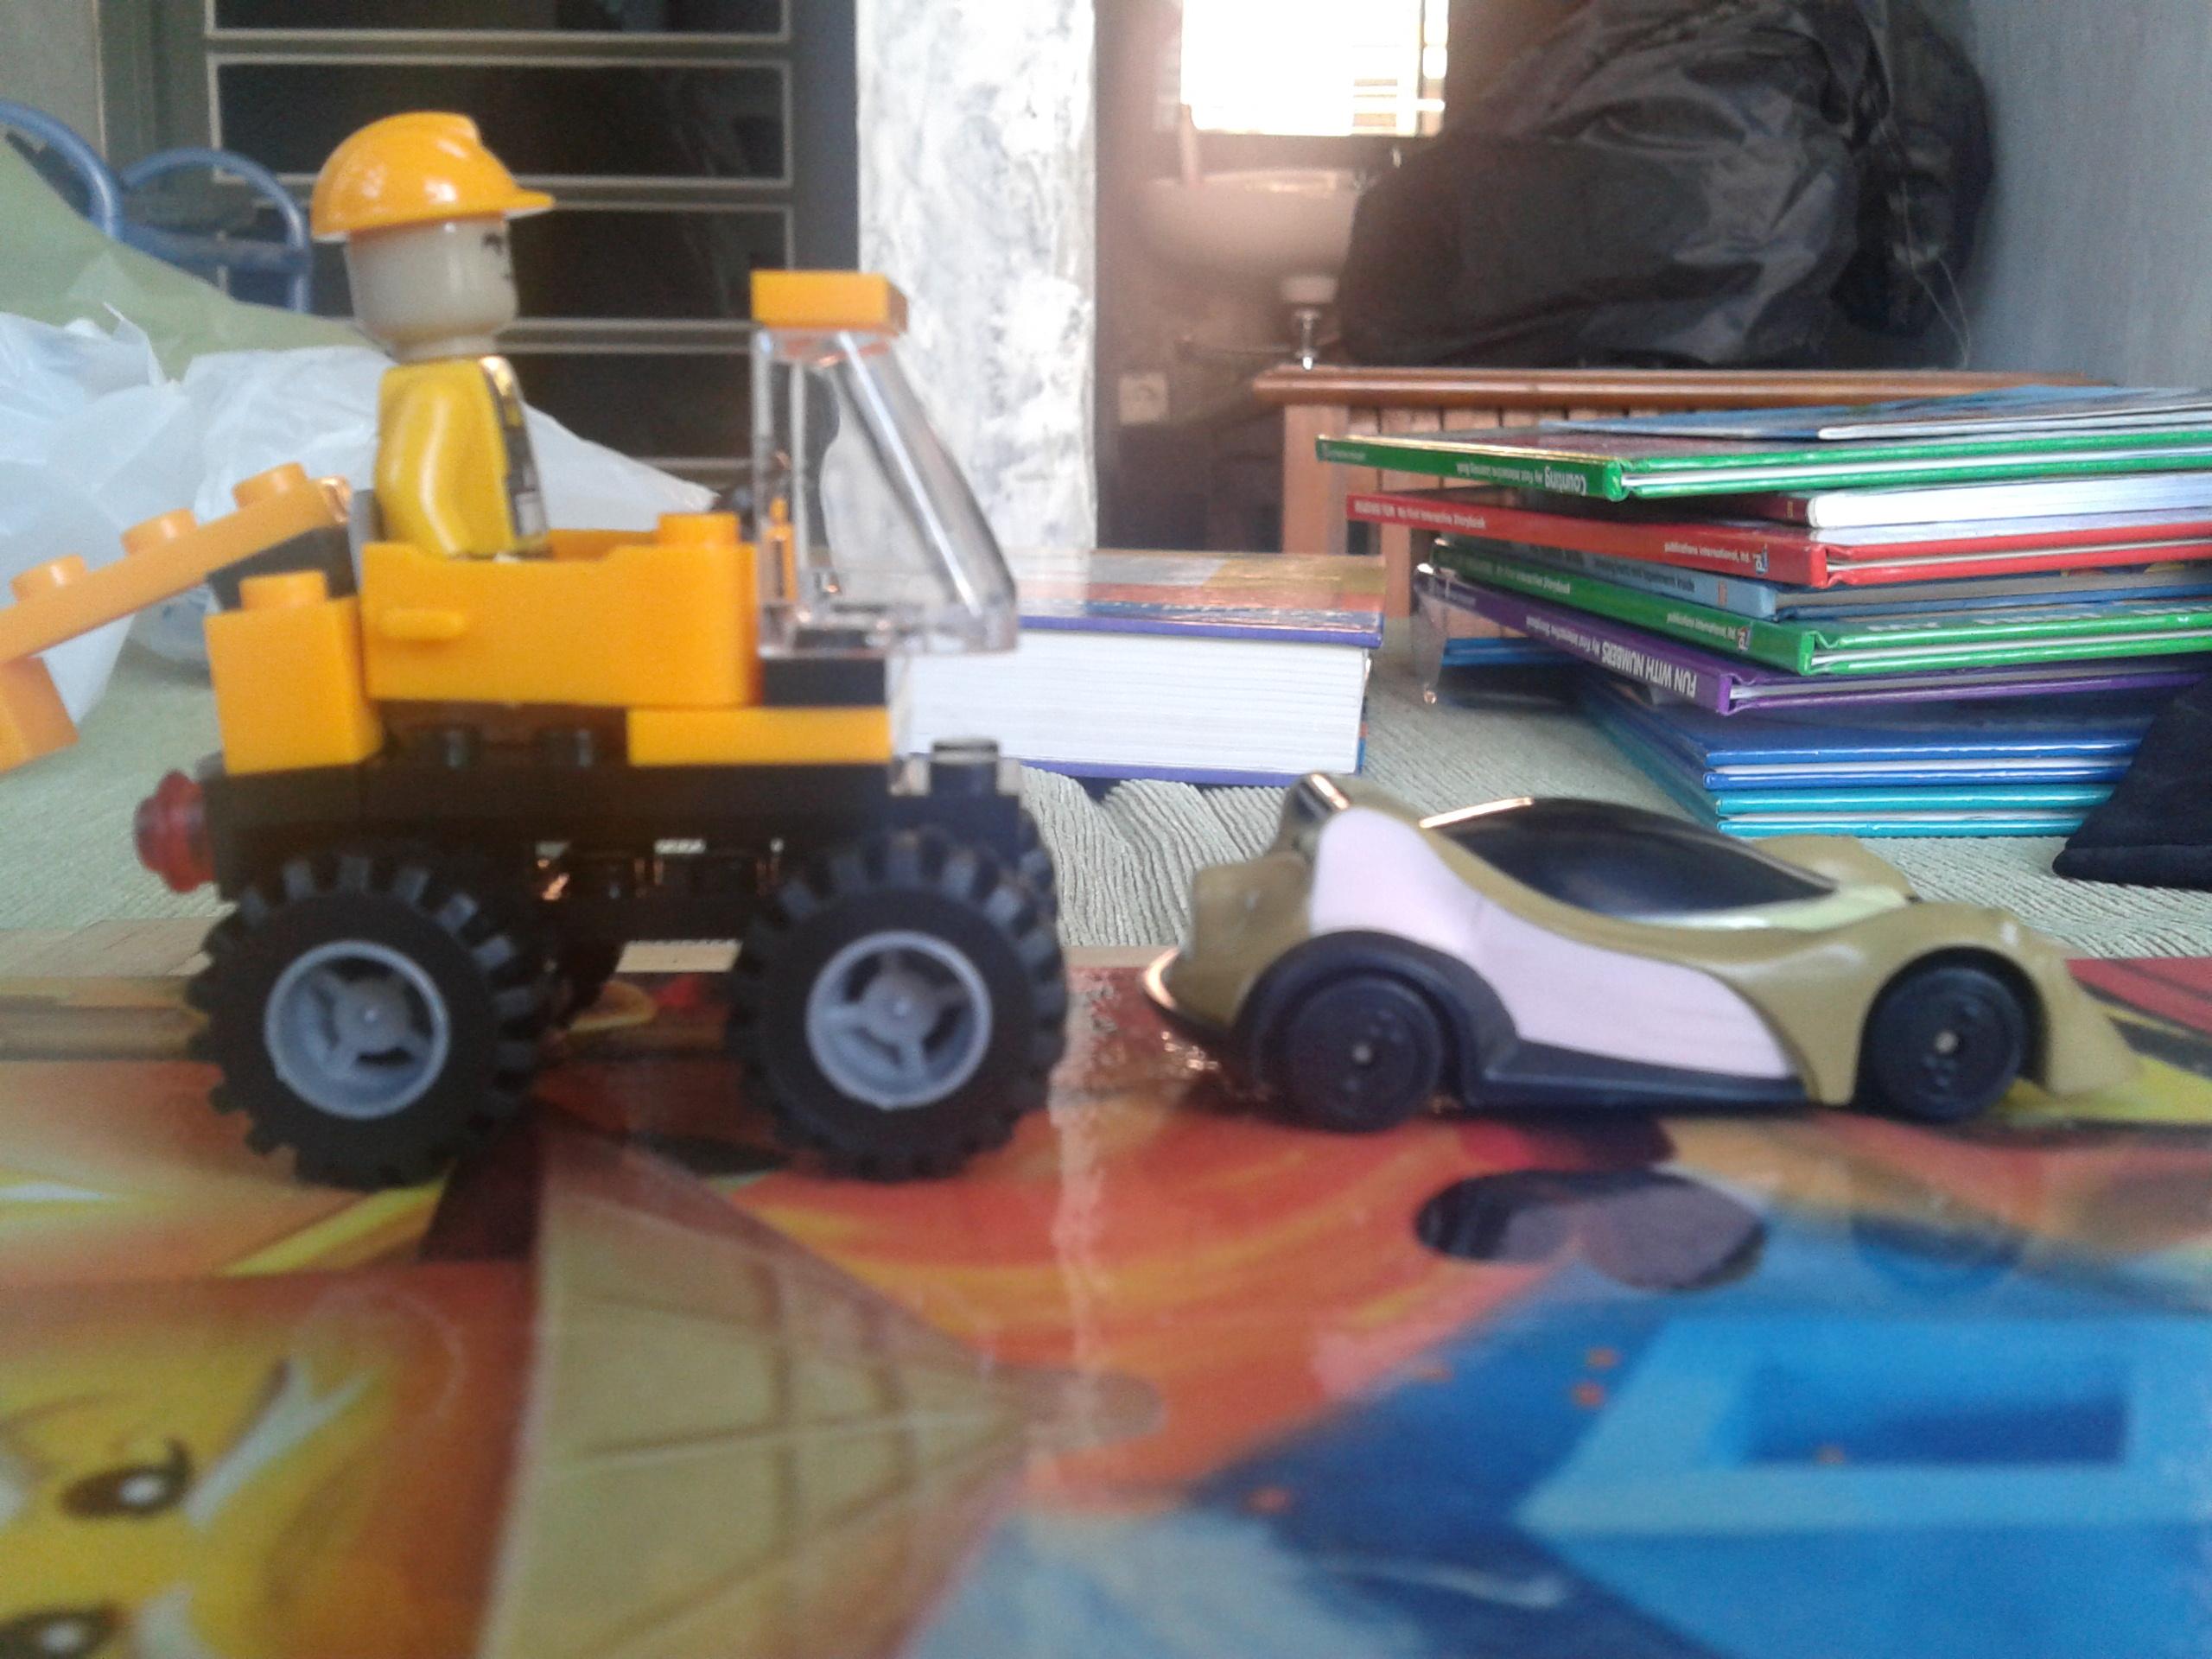 Mobil lego dan mobil ben 10 jejak jejak yang terserak mobil lego dan mobil ben 10 voltagebd Image collections